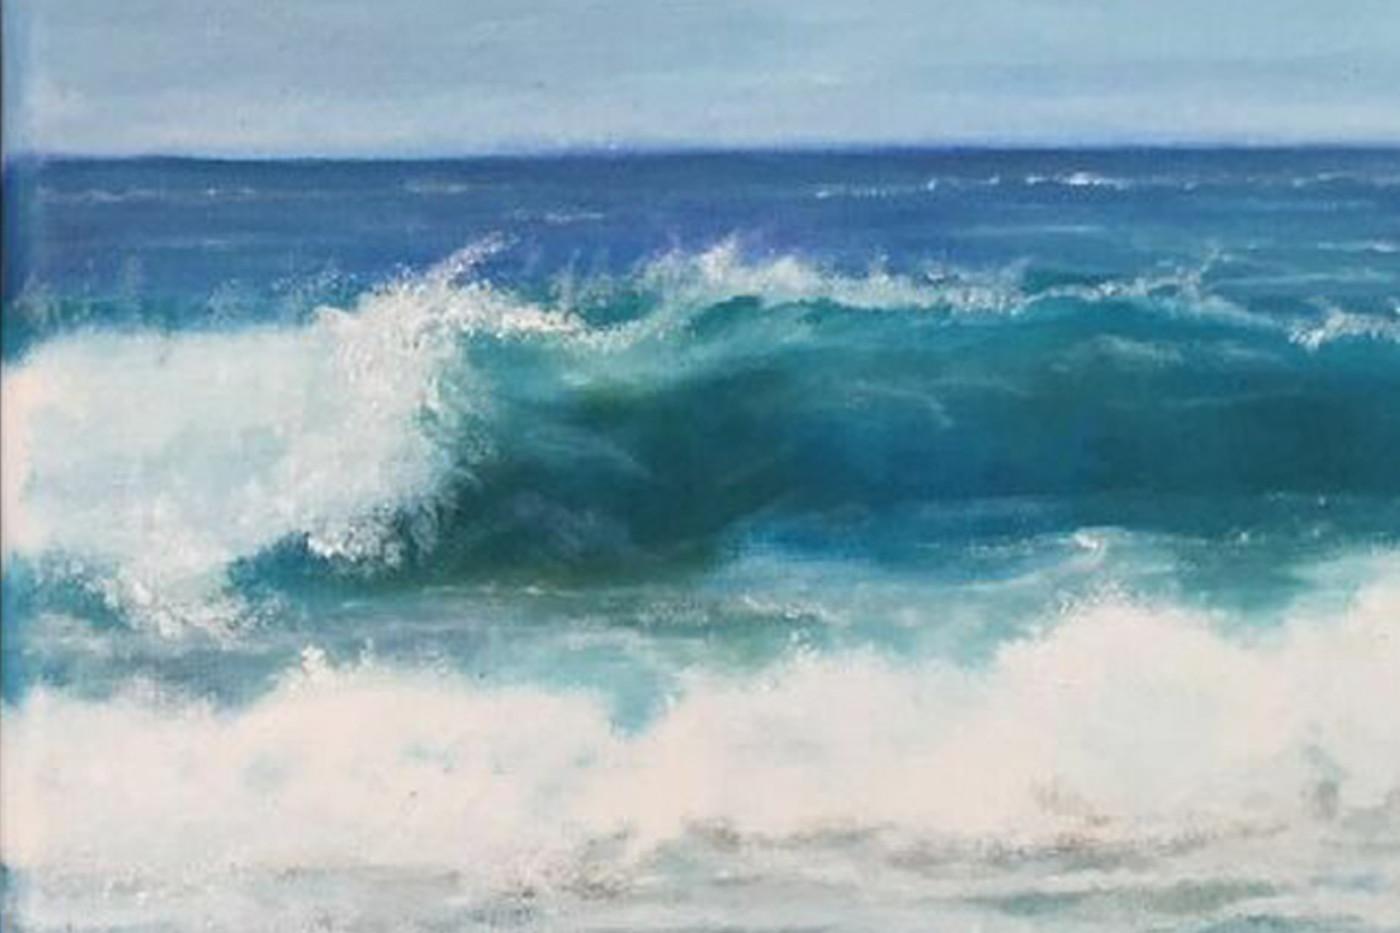 Mirando el mar     Staring the Sea